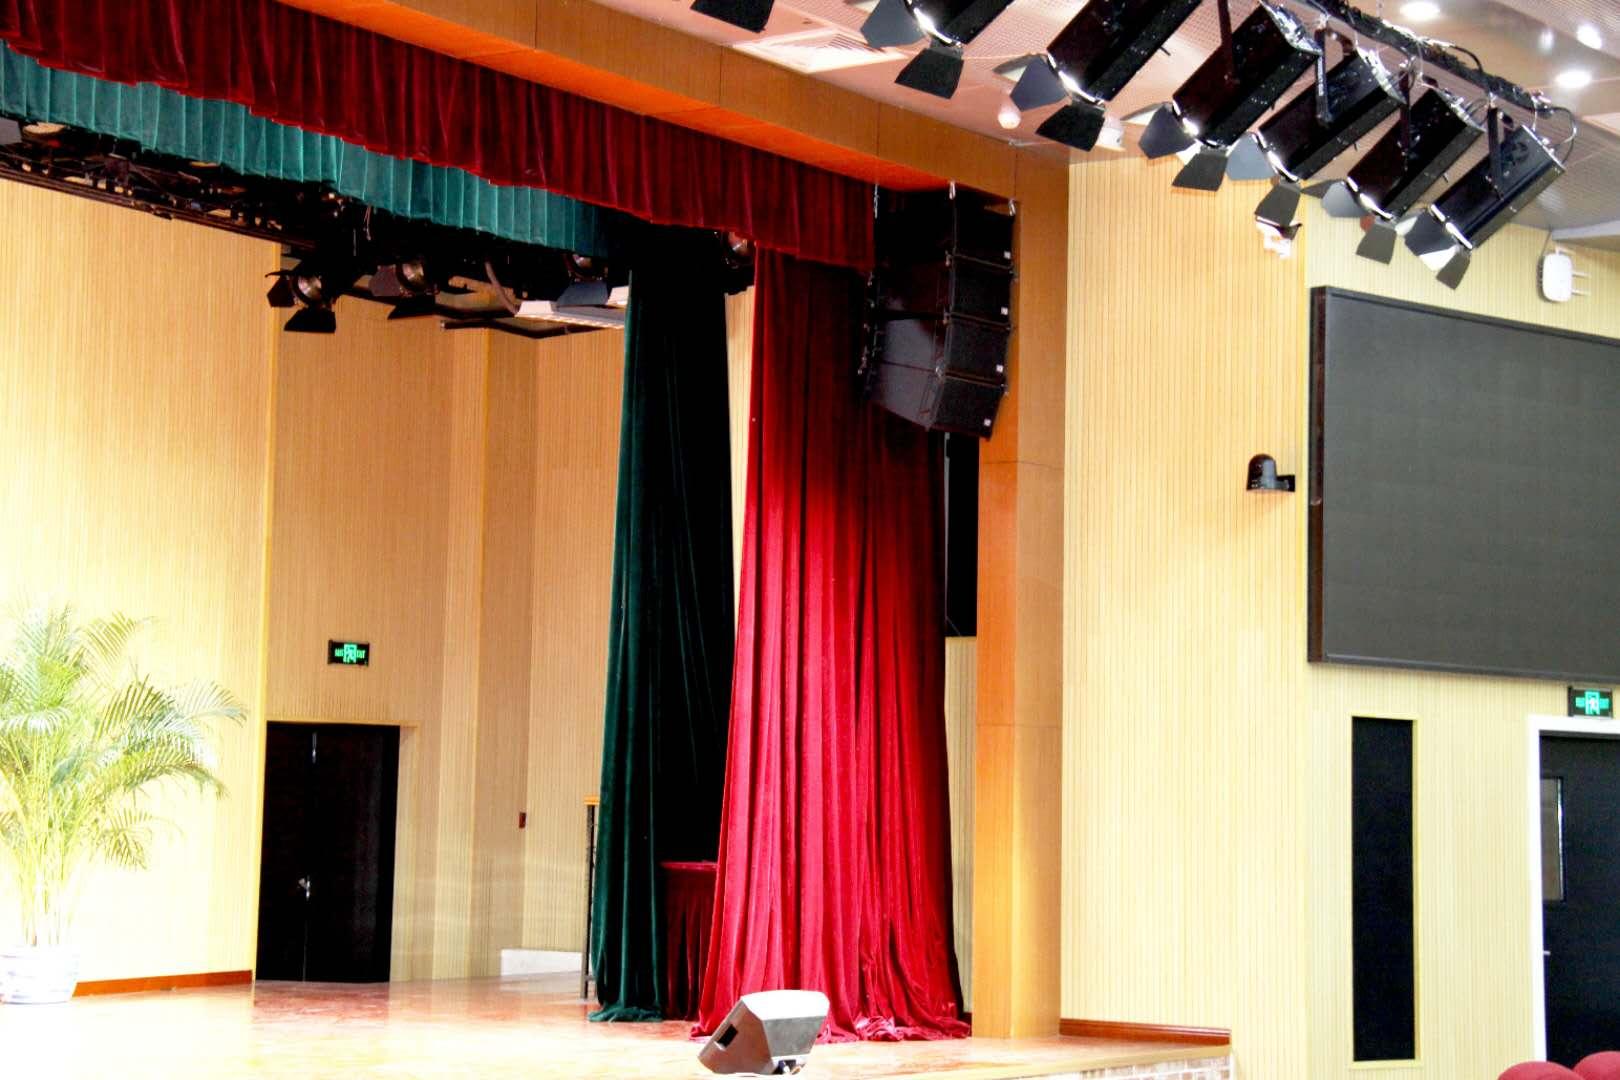 音响设备在舞台演出中的应用